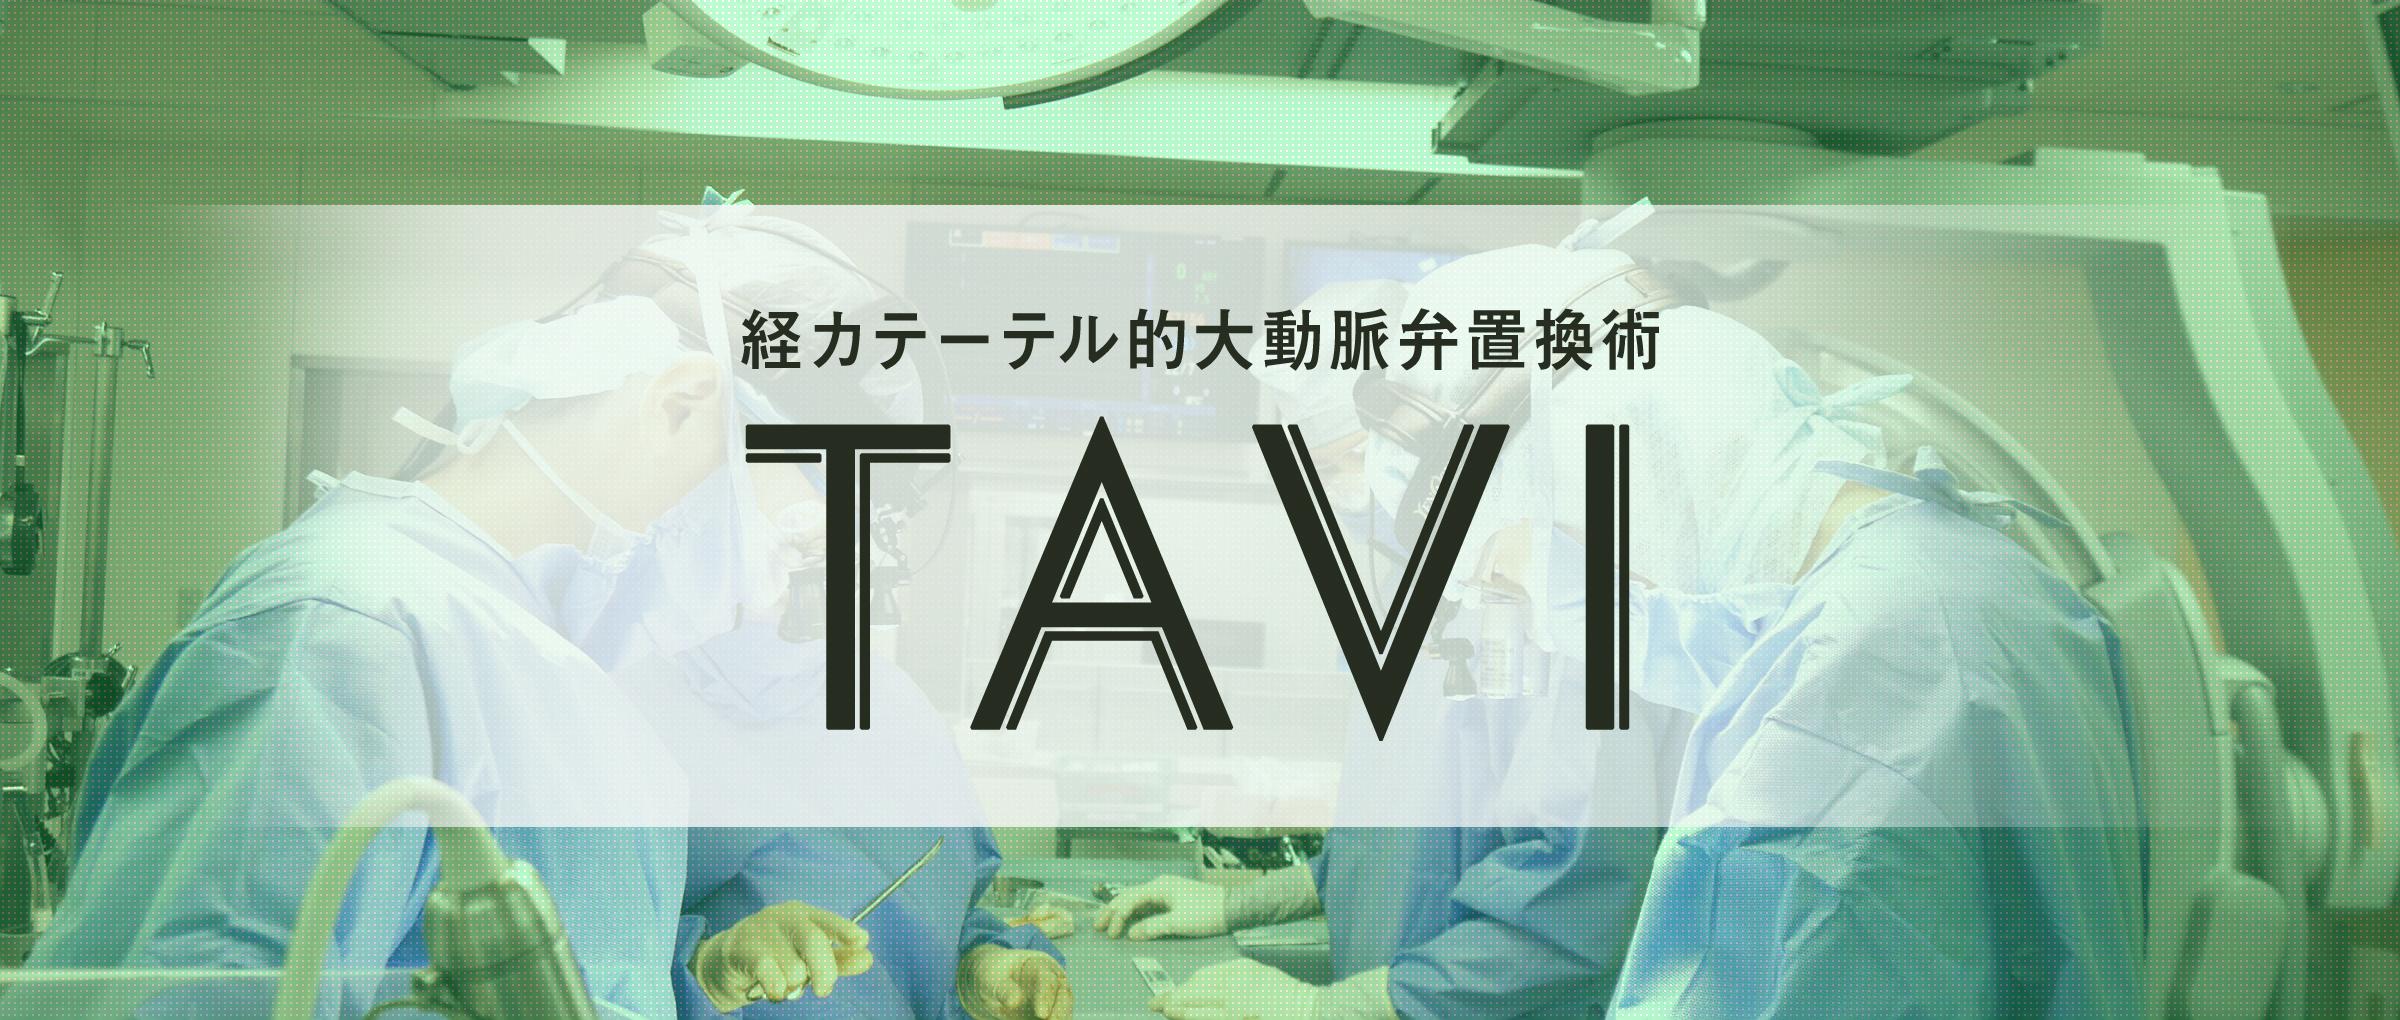 経カテーテル的大動脈置換術(TAVI)